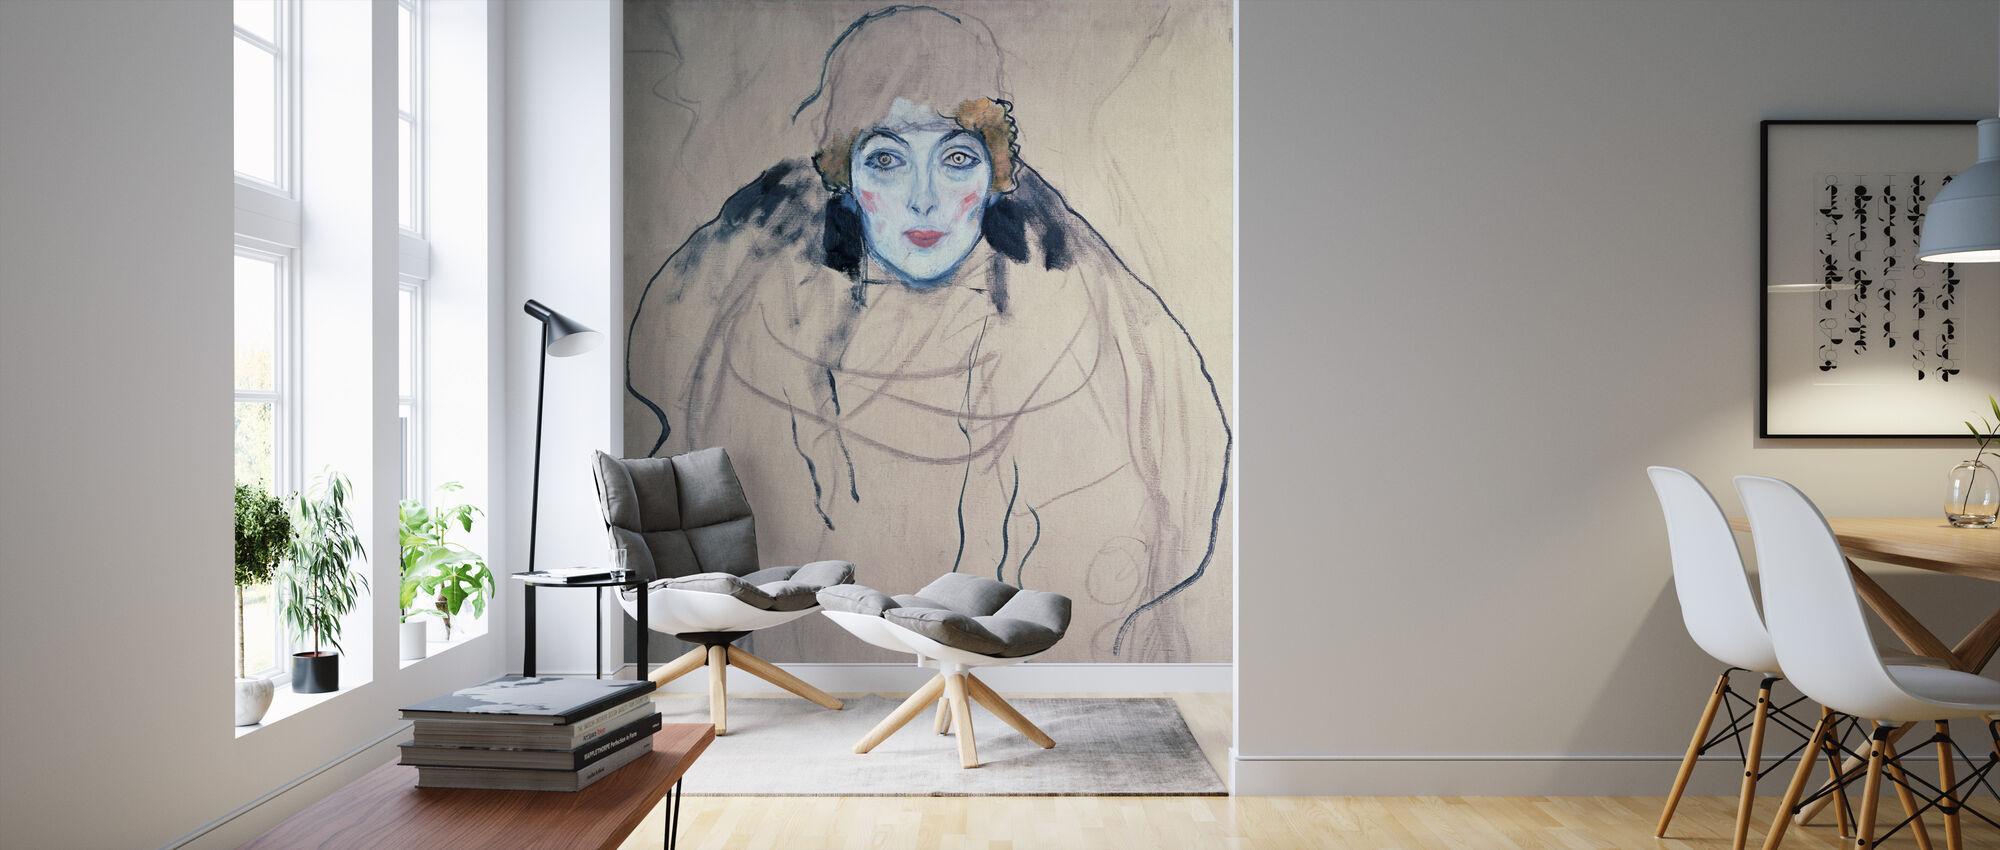 Head of a Woman, Gustav Klimt - Wallpaper - Living Room